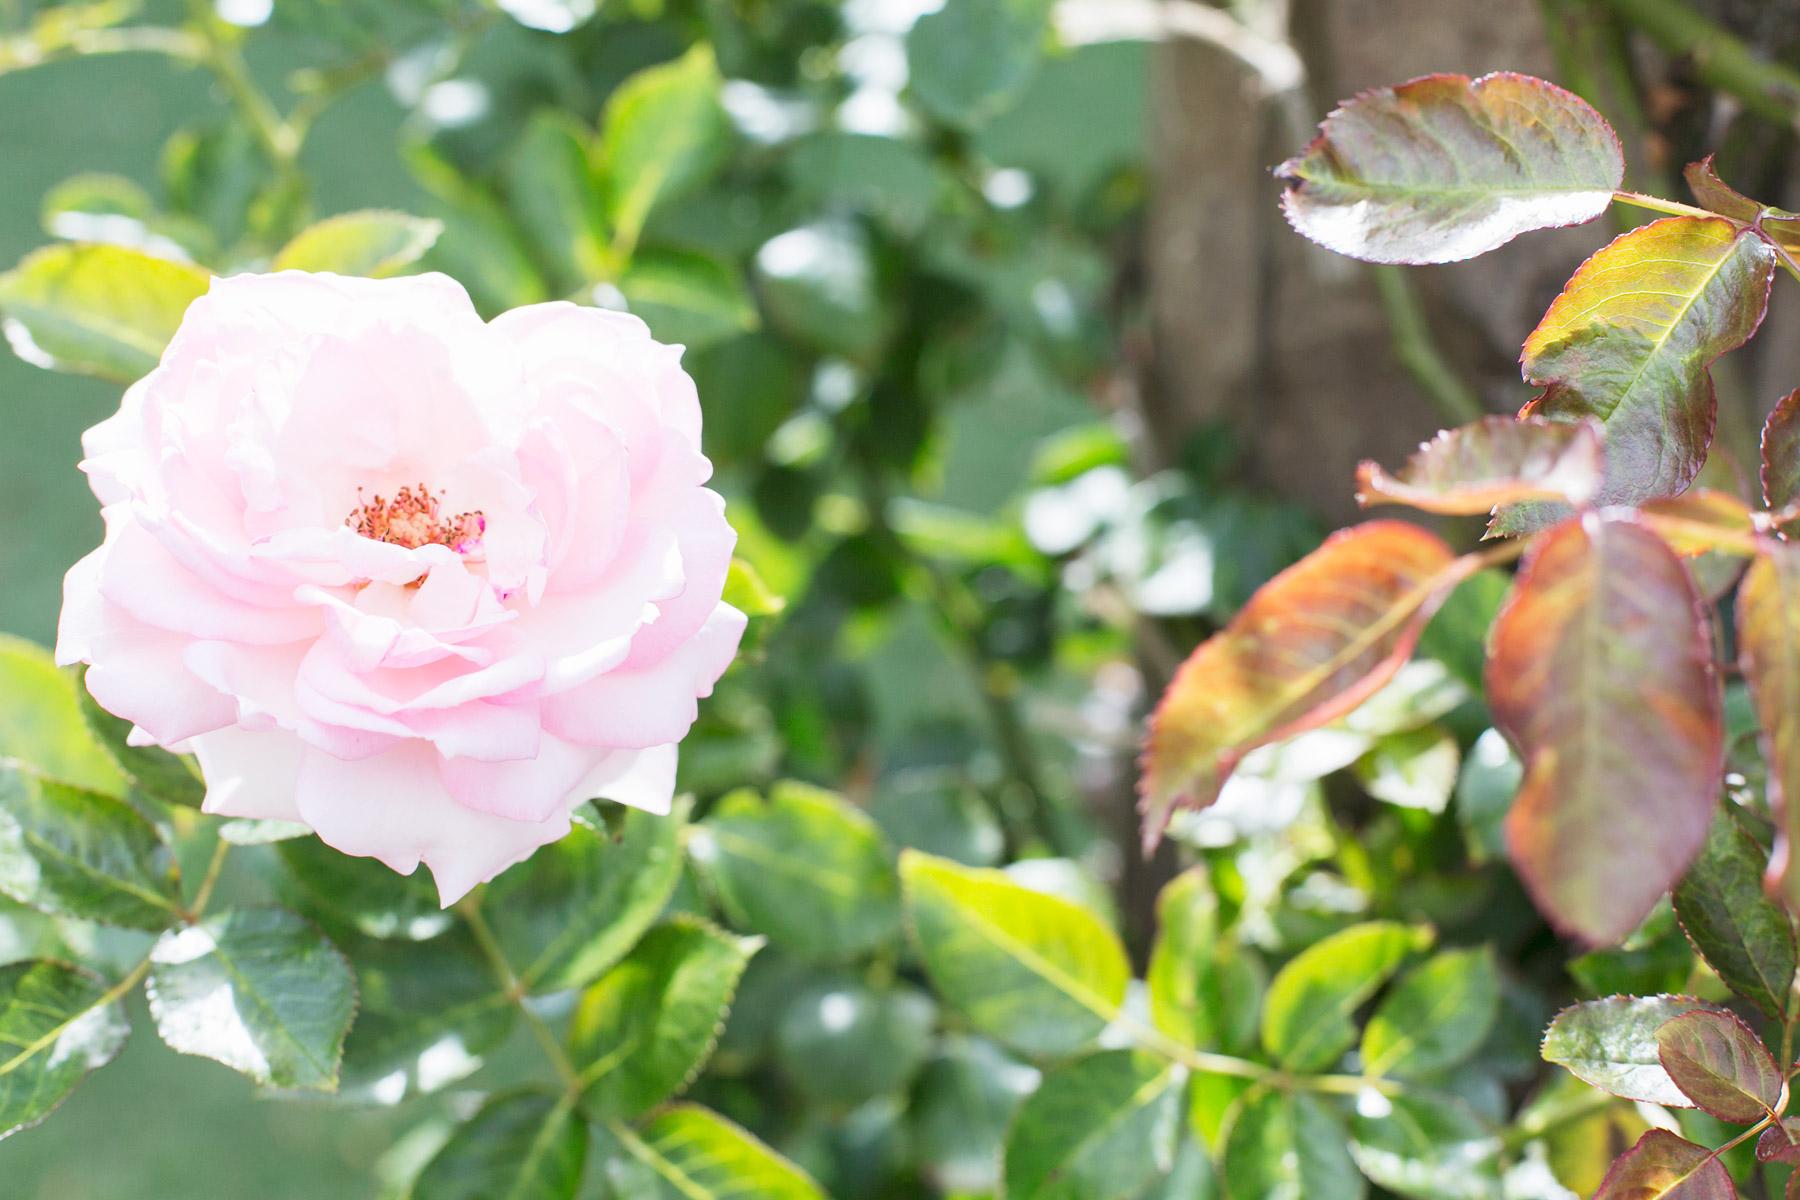 Rose garden in Sydney photo by Carin Olsson (Paris in Four Months)